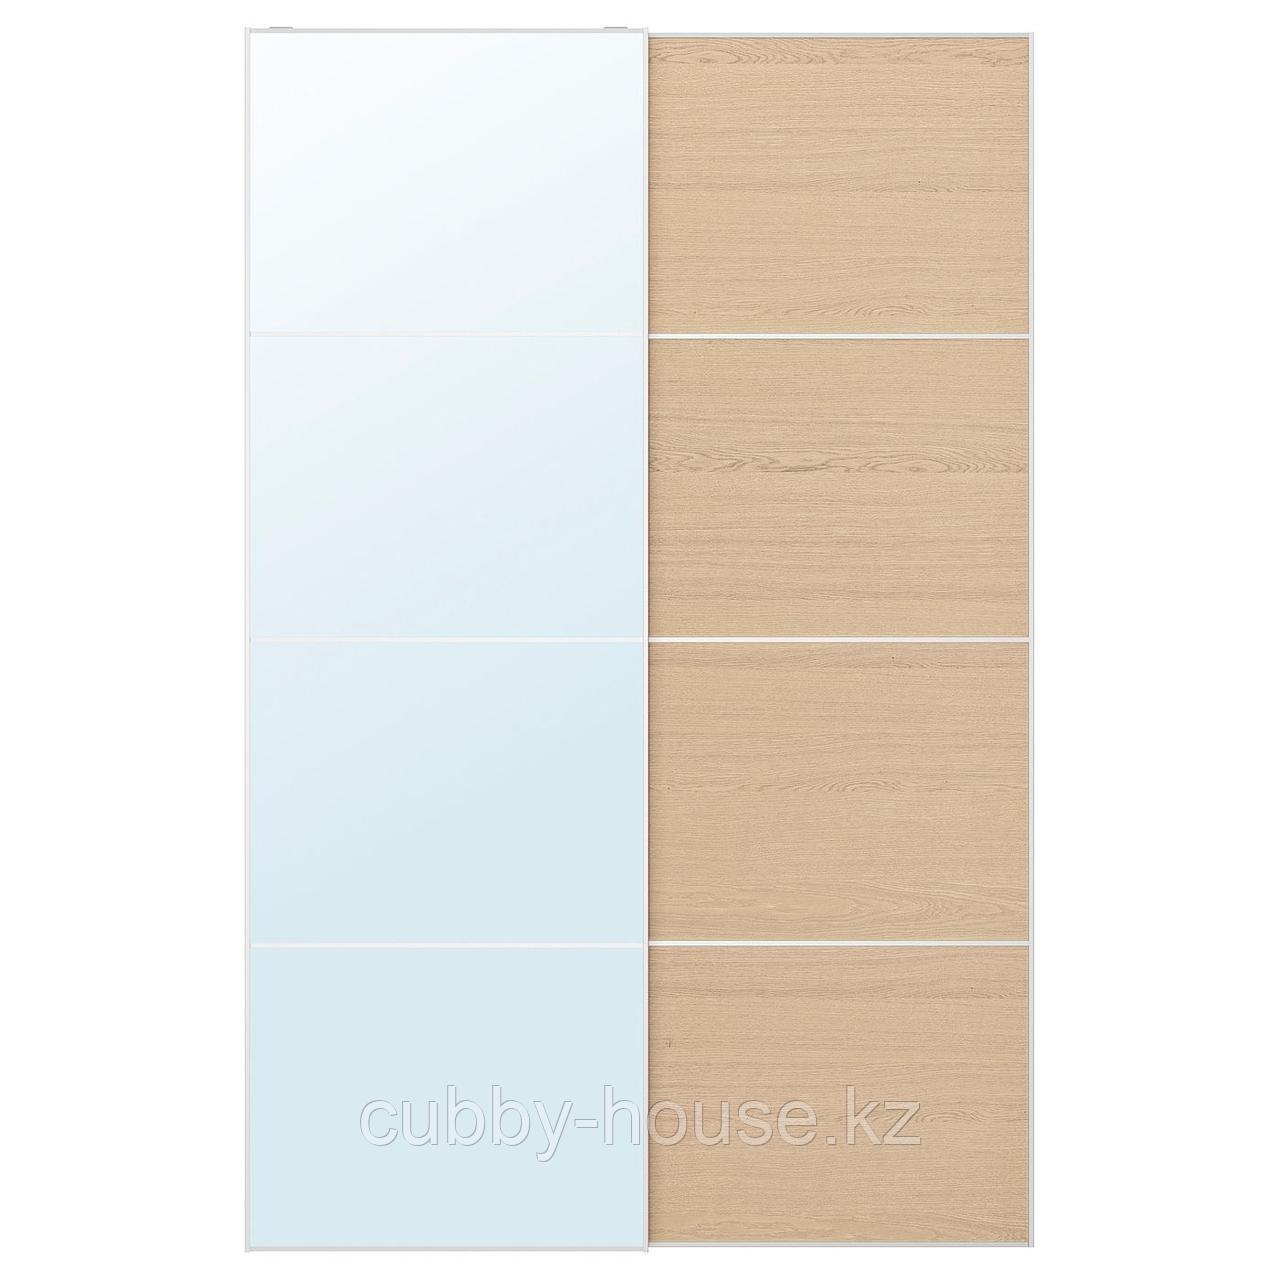 АУЛИ / МЕХАМН Пара раздвижных дверей, зеркальное стекло, под беленый дуб, 150x236 см